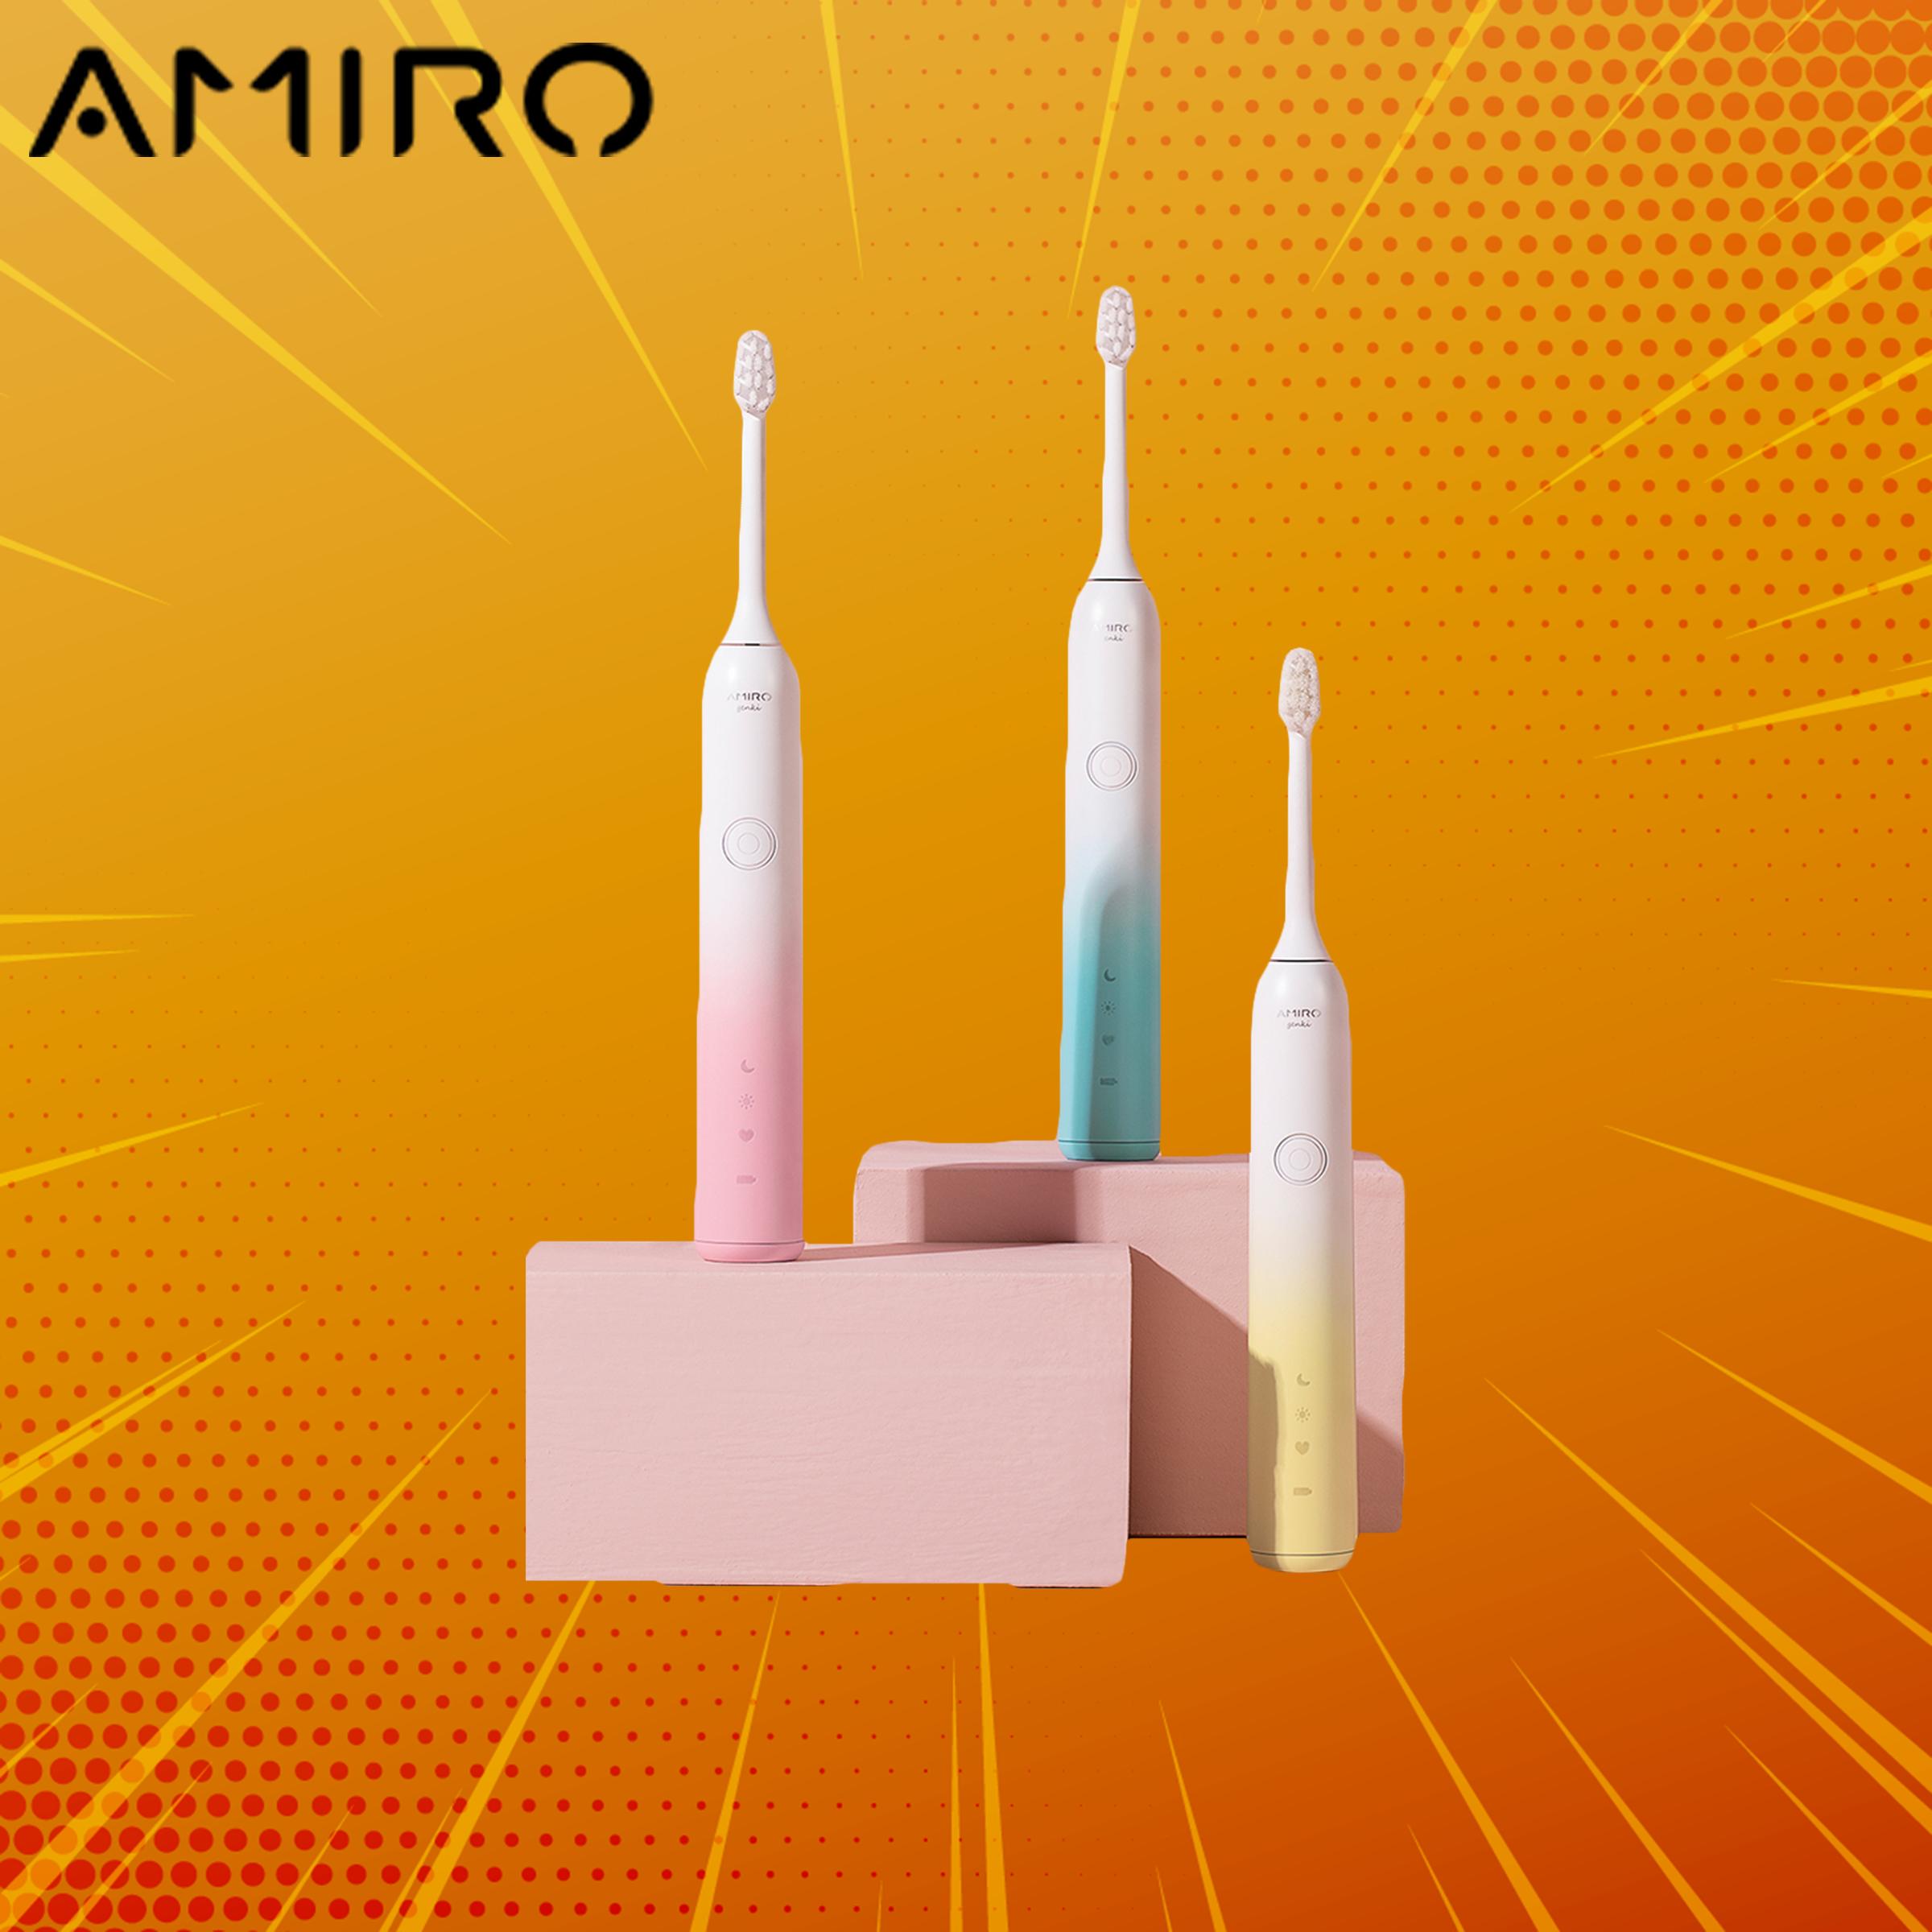 แปรงสีฟันไฟฟ้า ช่วยดูแลสุขภาพช่องปาก ขอนแก่น New Xiaomi Amiro Electric Toothbrush   แปรงสีฟันไฟฟ้า